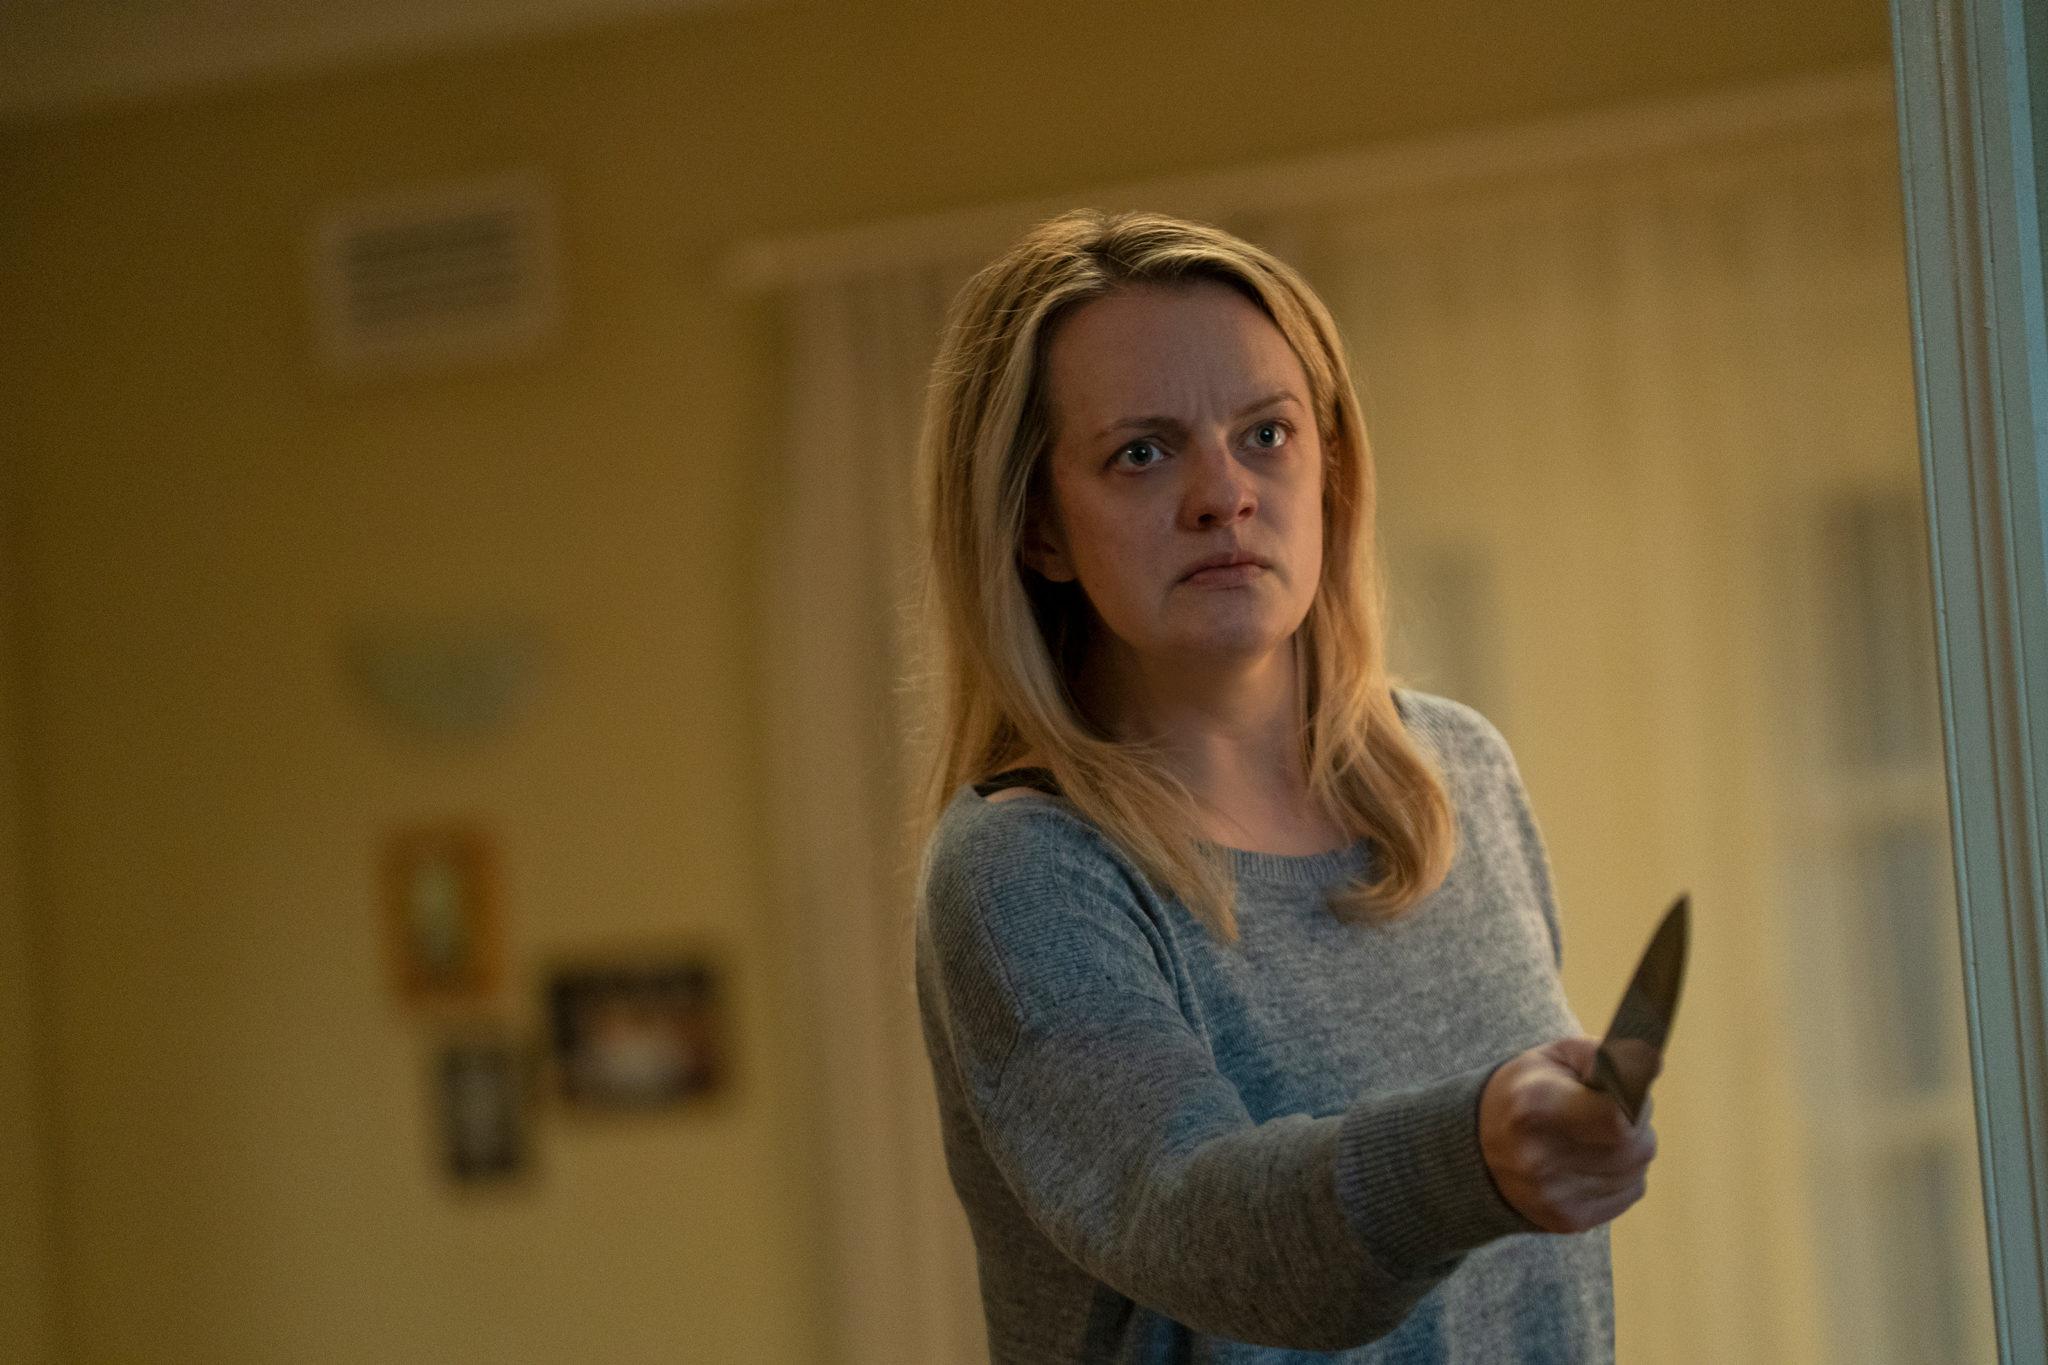 Cecilia (Elisabeth Moss) steht im grauen Pulli in einem gelb gestrichenen Zimmer und bedroht mit verzweifeltem und wütdendem Blick, bewaffnet mit einem Messer, einen Unsichtbaren.